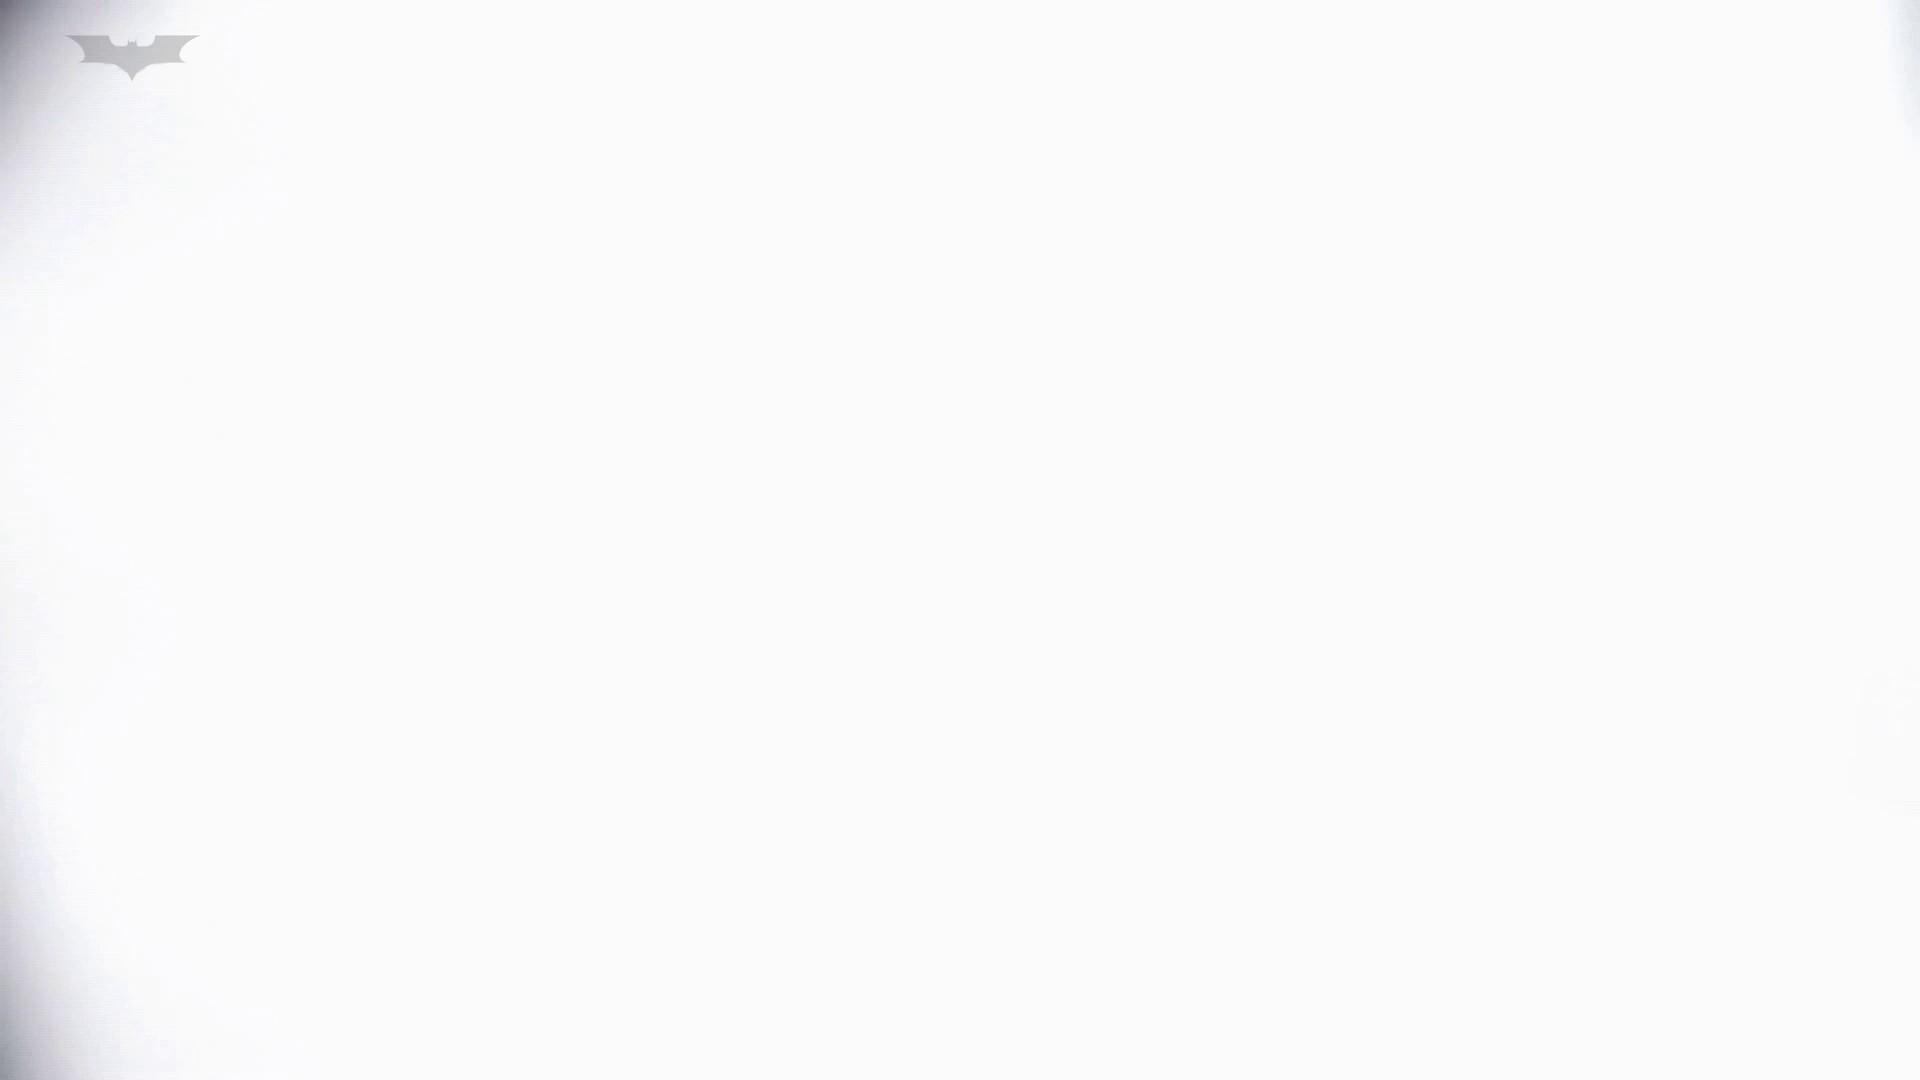 お銀 vol.76 これぞ和尻!!どアップ!! 高画質 オマンコ動画キャプチャ 54画像 26